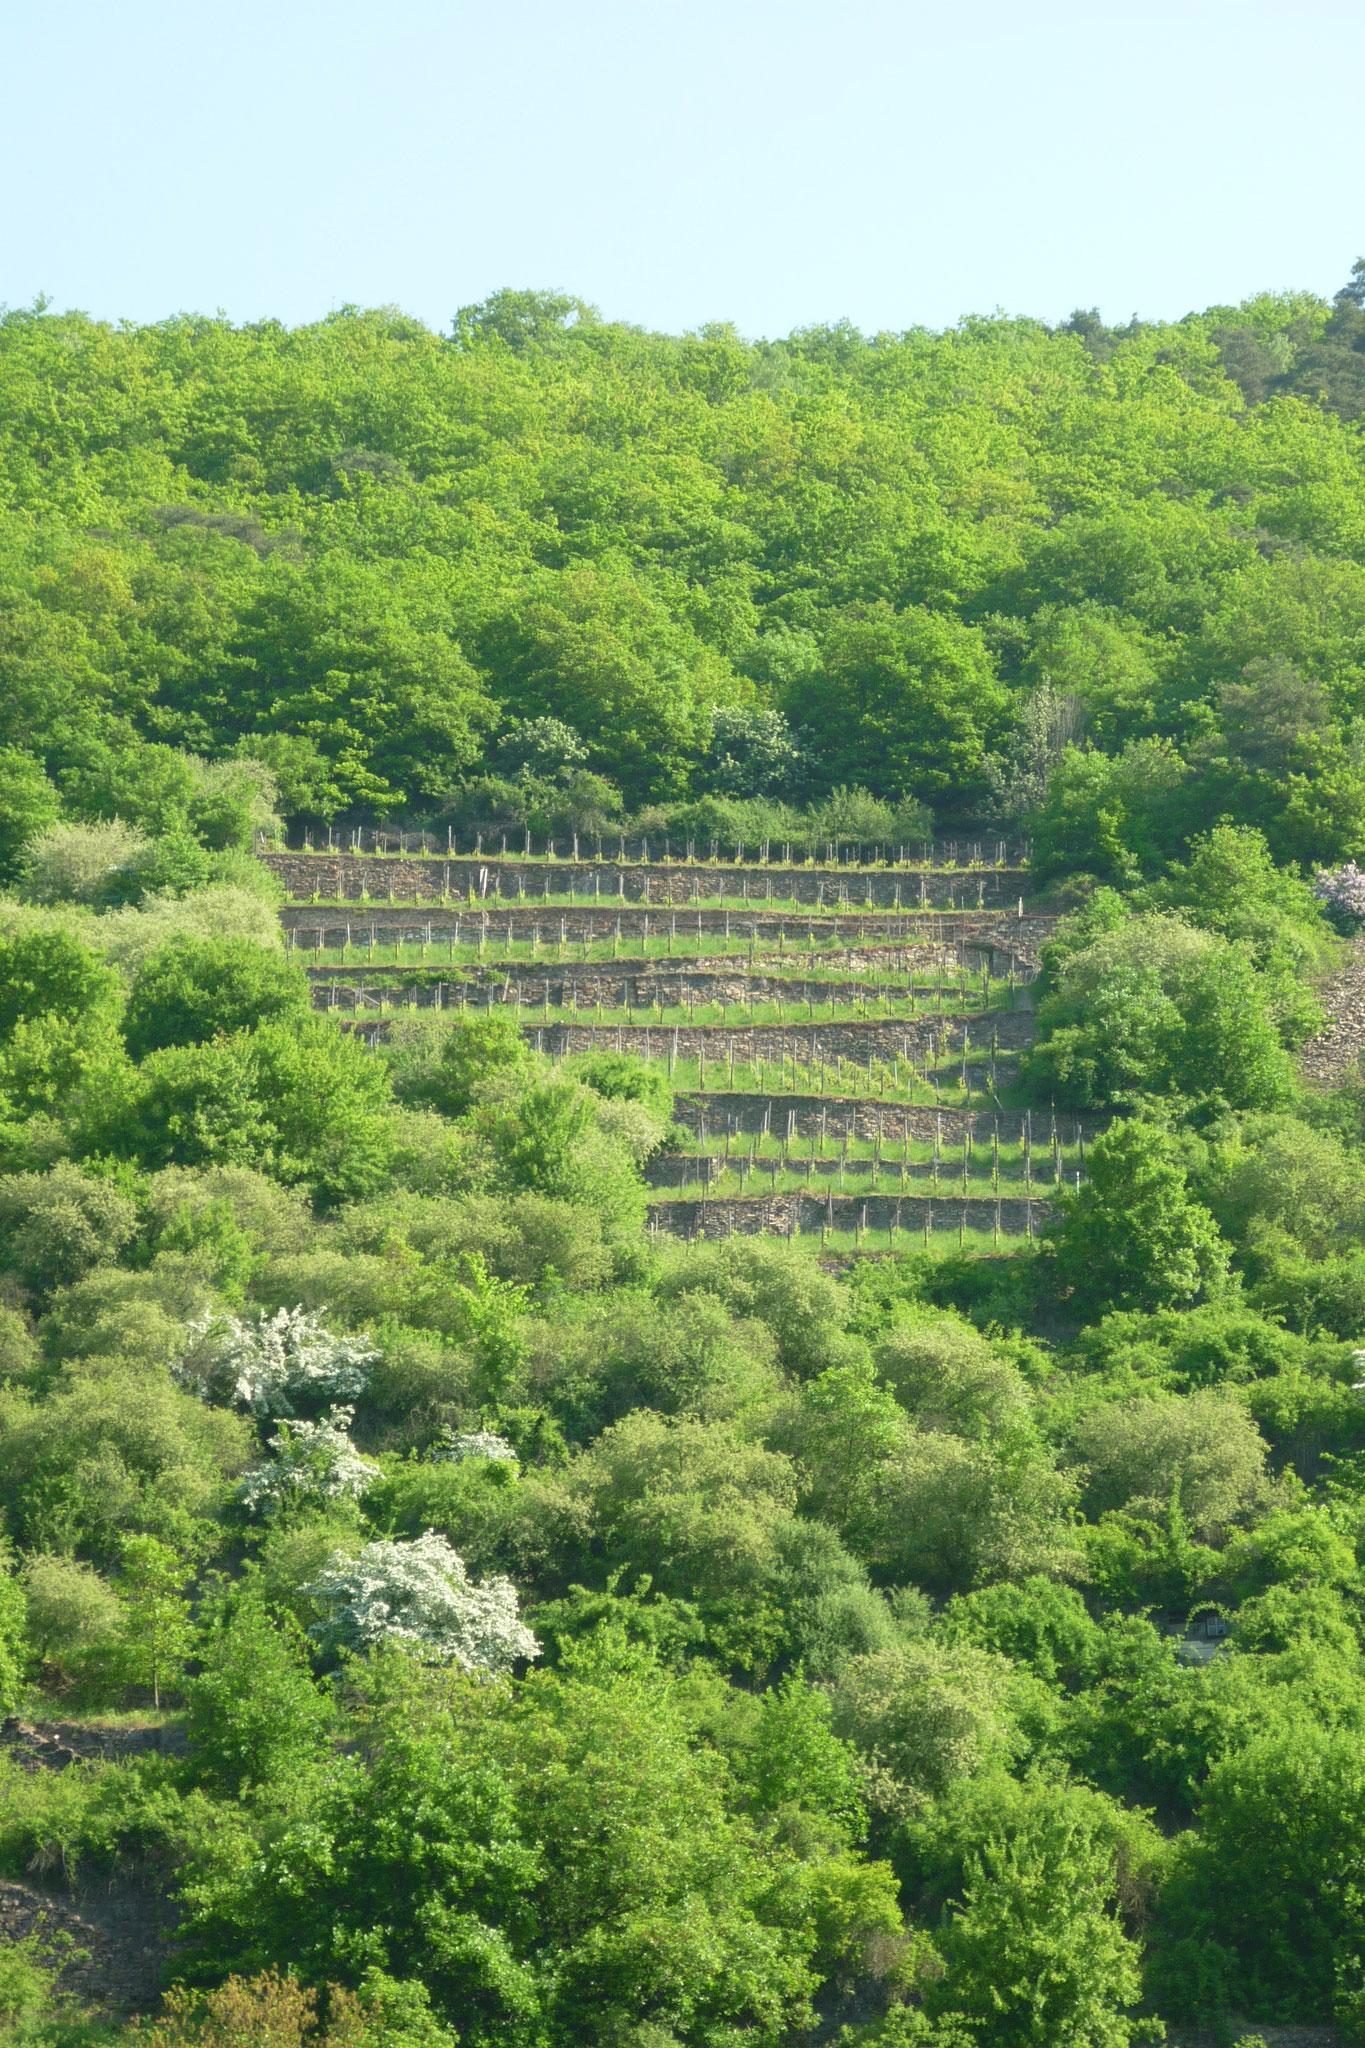 Mühsam nährt sich der Weinbauer - zumindest an manchen Hängen...